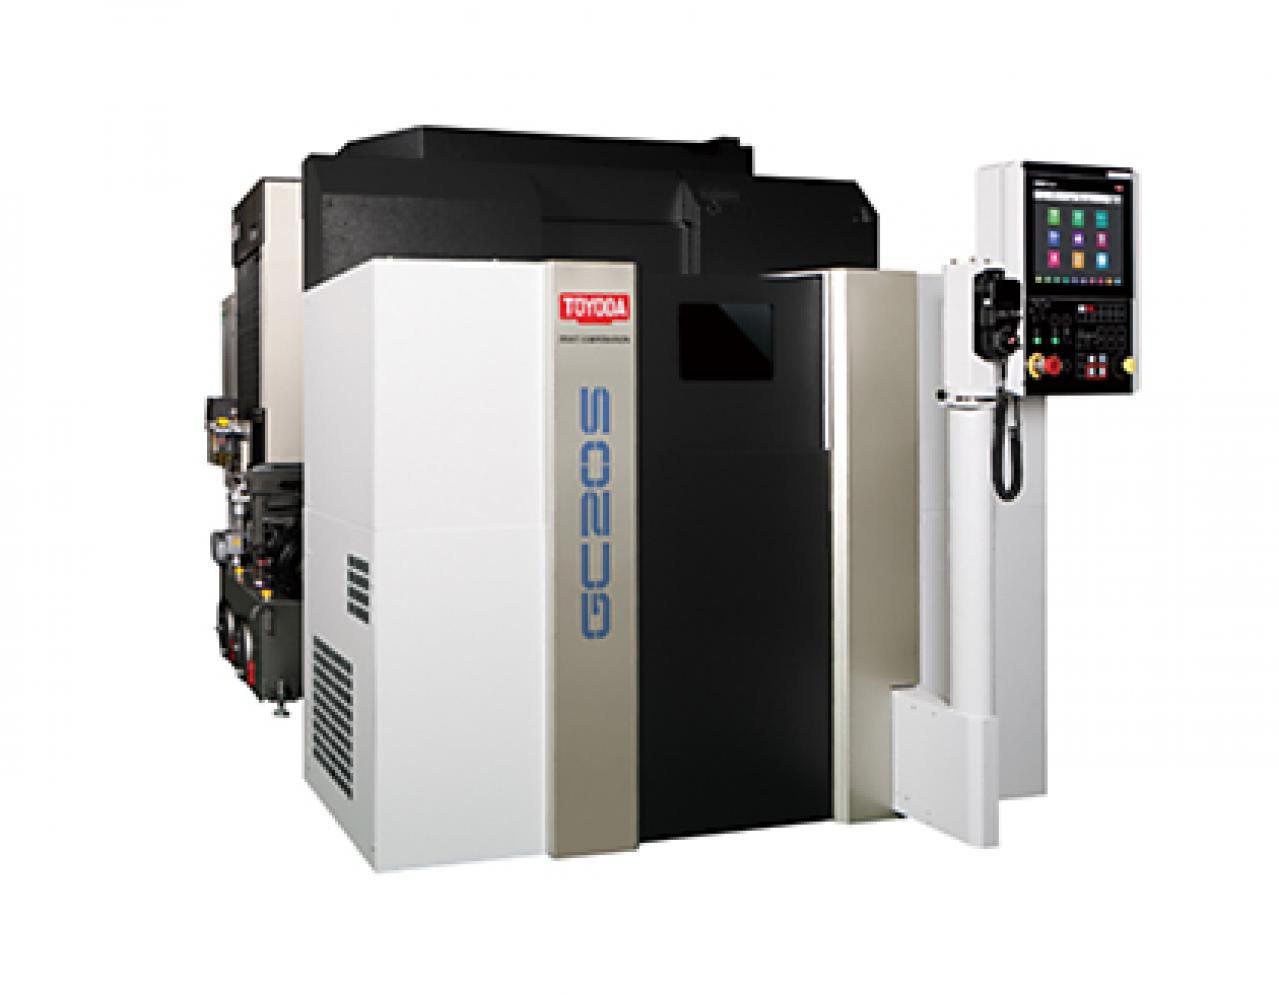 ジェイテクト:CBNカムシャフト研削盤「GC20S/GL32S」を開発、販売開始